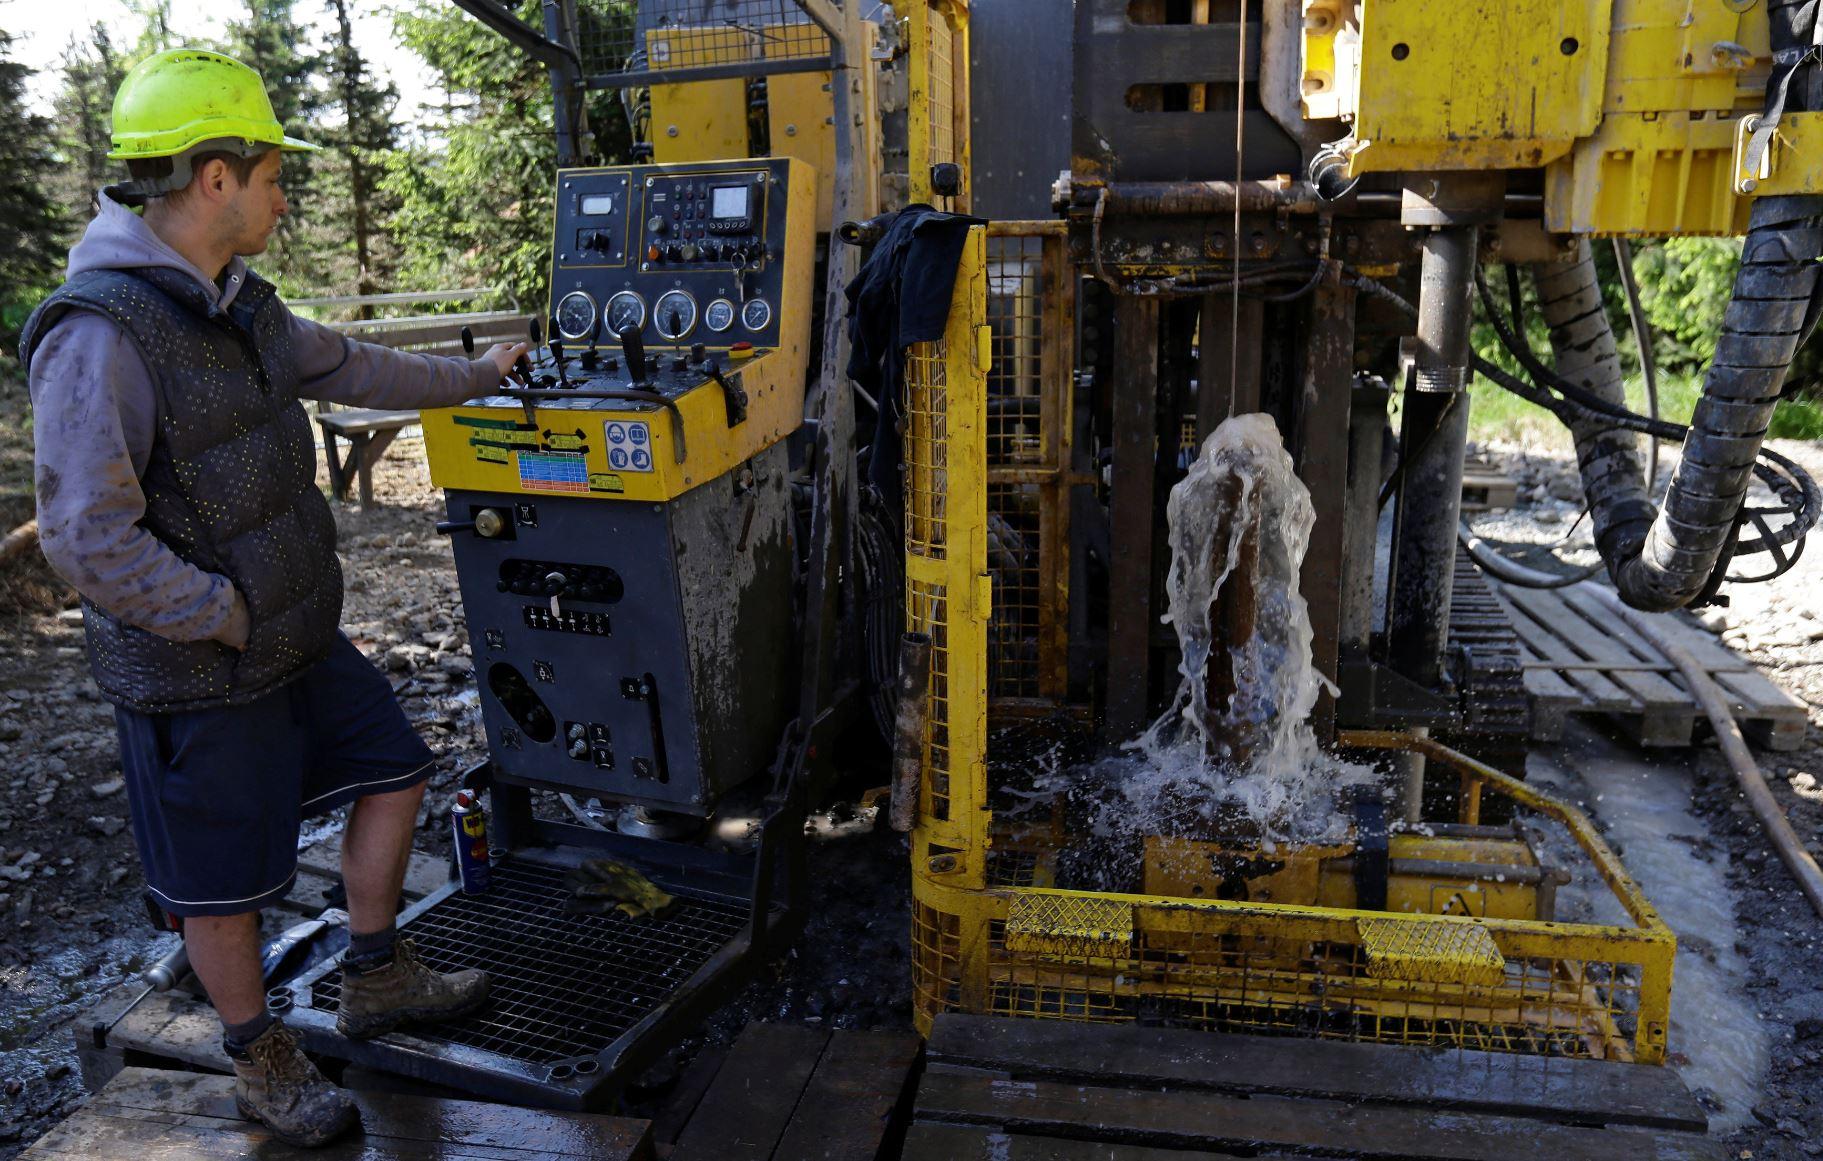 Společnost Geomet provádí pod Cínovcem průzkumné vrty kvůli ložiskům lithia. Foto: Reuters